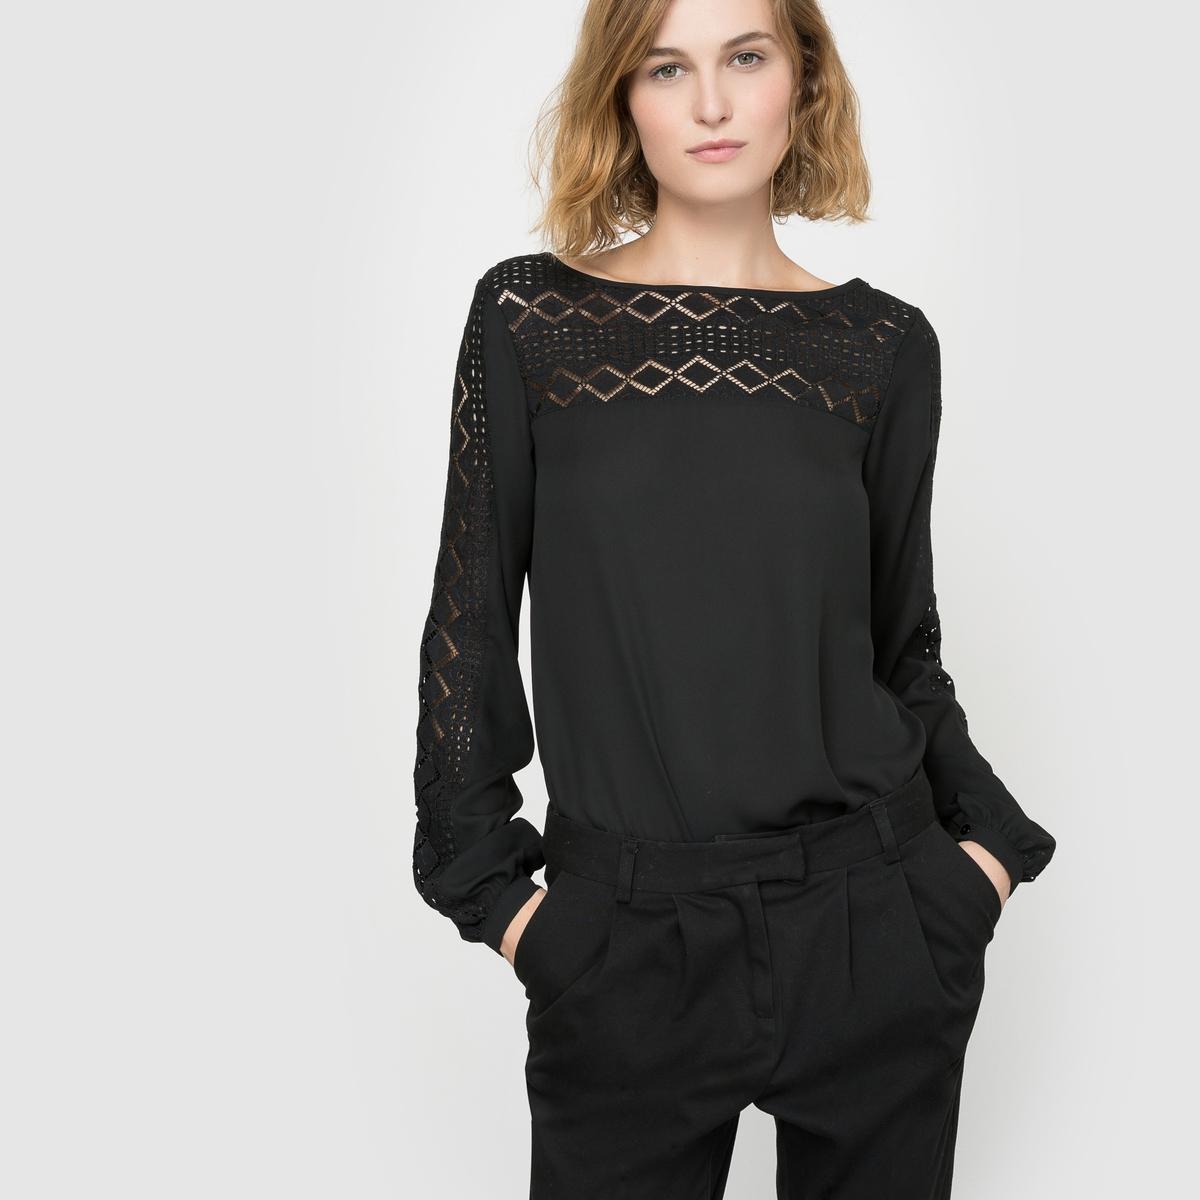 Блузка однотонная с круглым вырезом, короткими рукавами